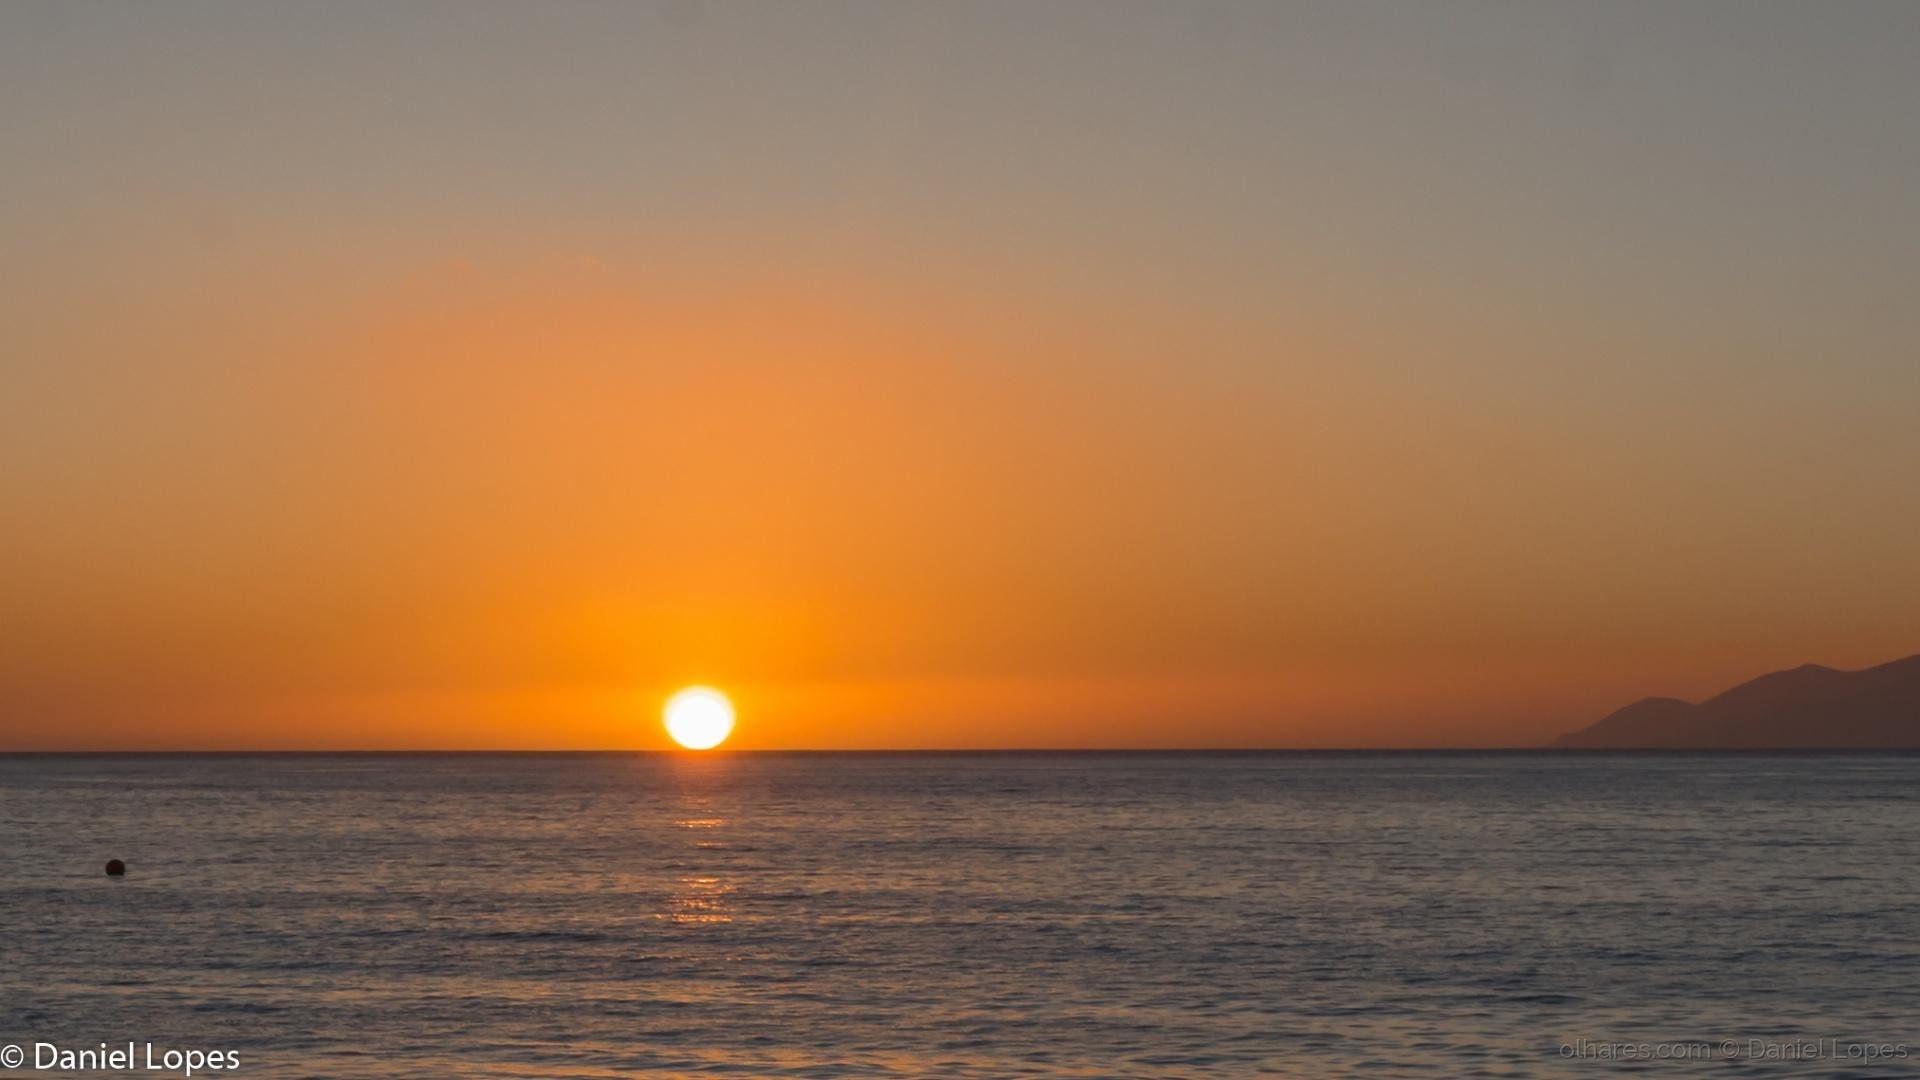 Paisagem Natural/No ship in the horizon